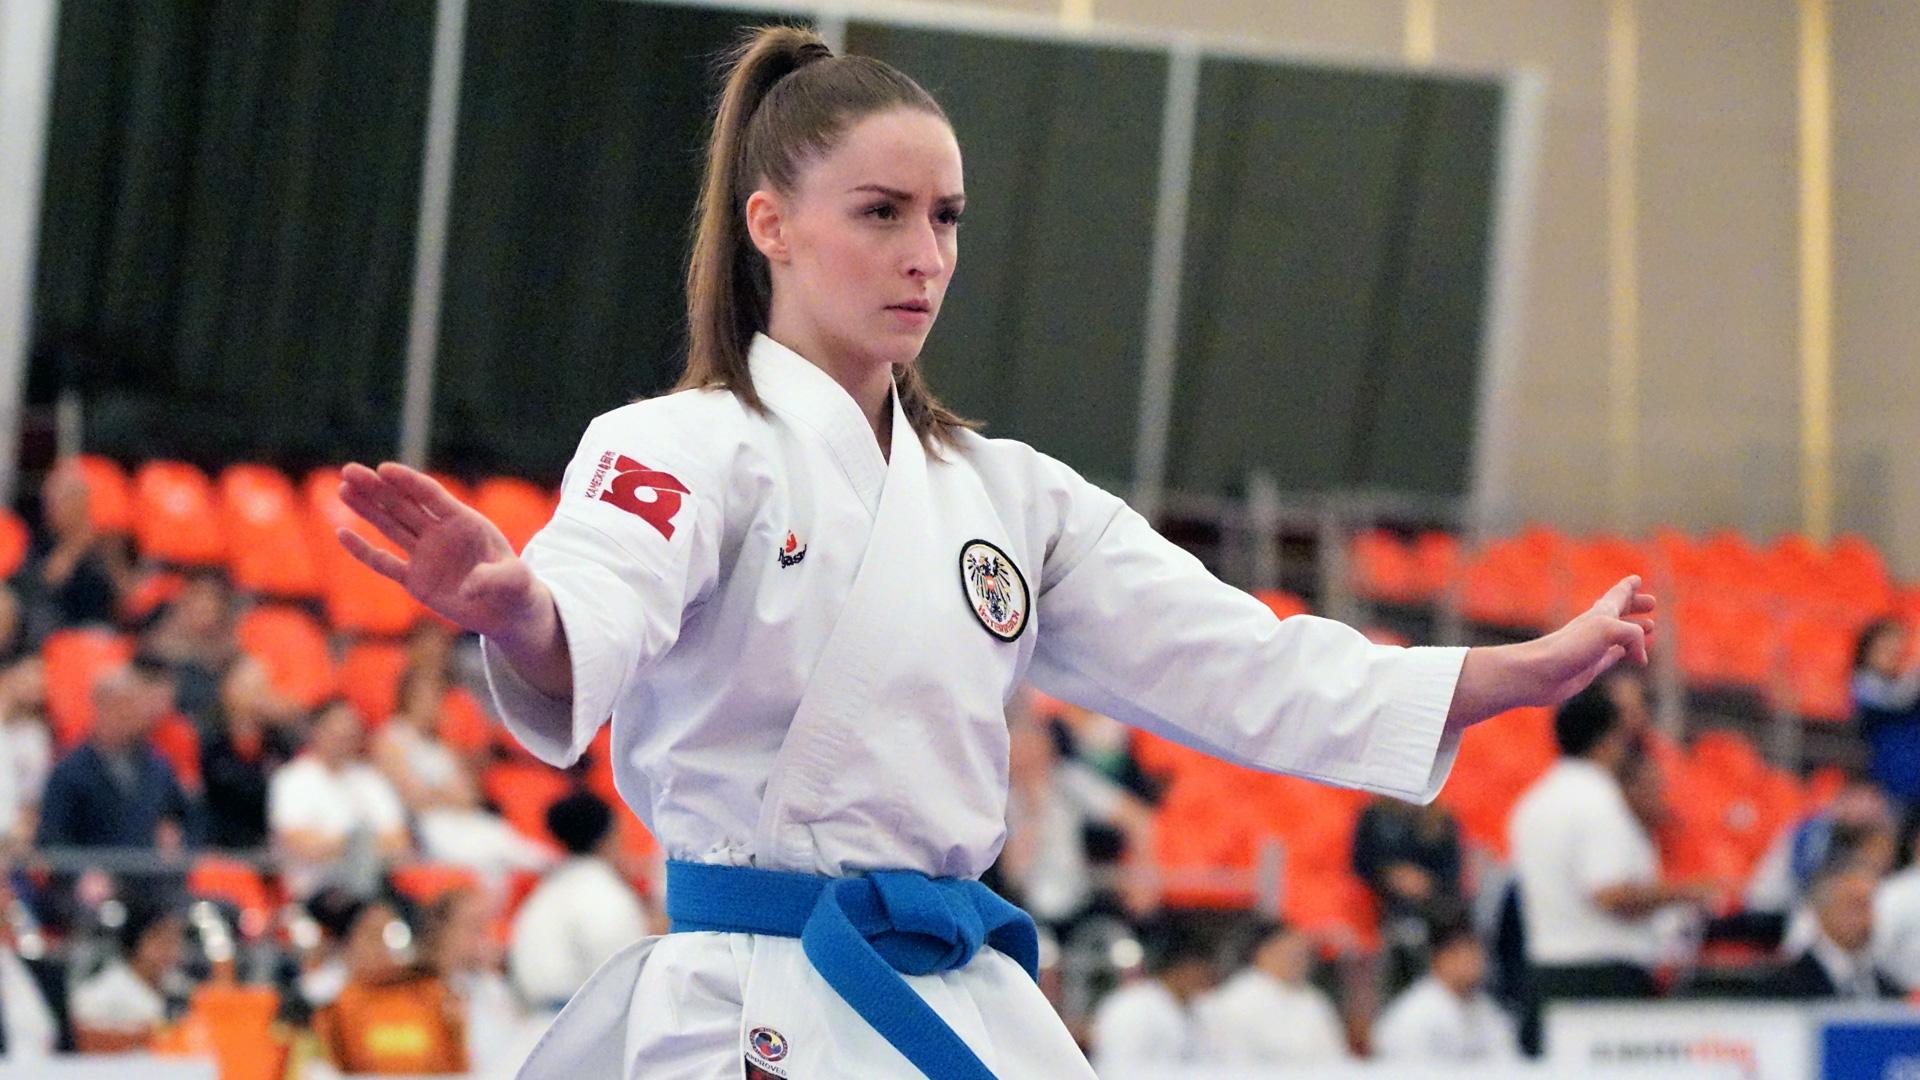 Kristin Wieninger | Sieg beim Coupe Milon | Luxembourg | sichert sich Vorsprung für EM-Qualifikation 2020